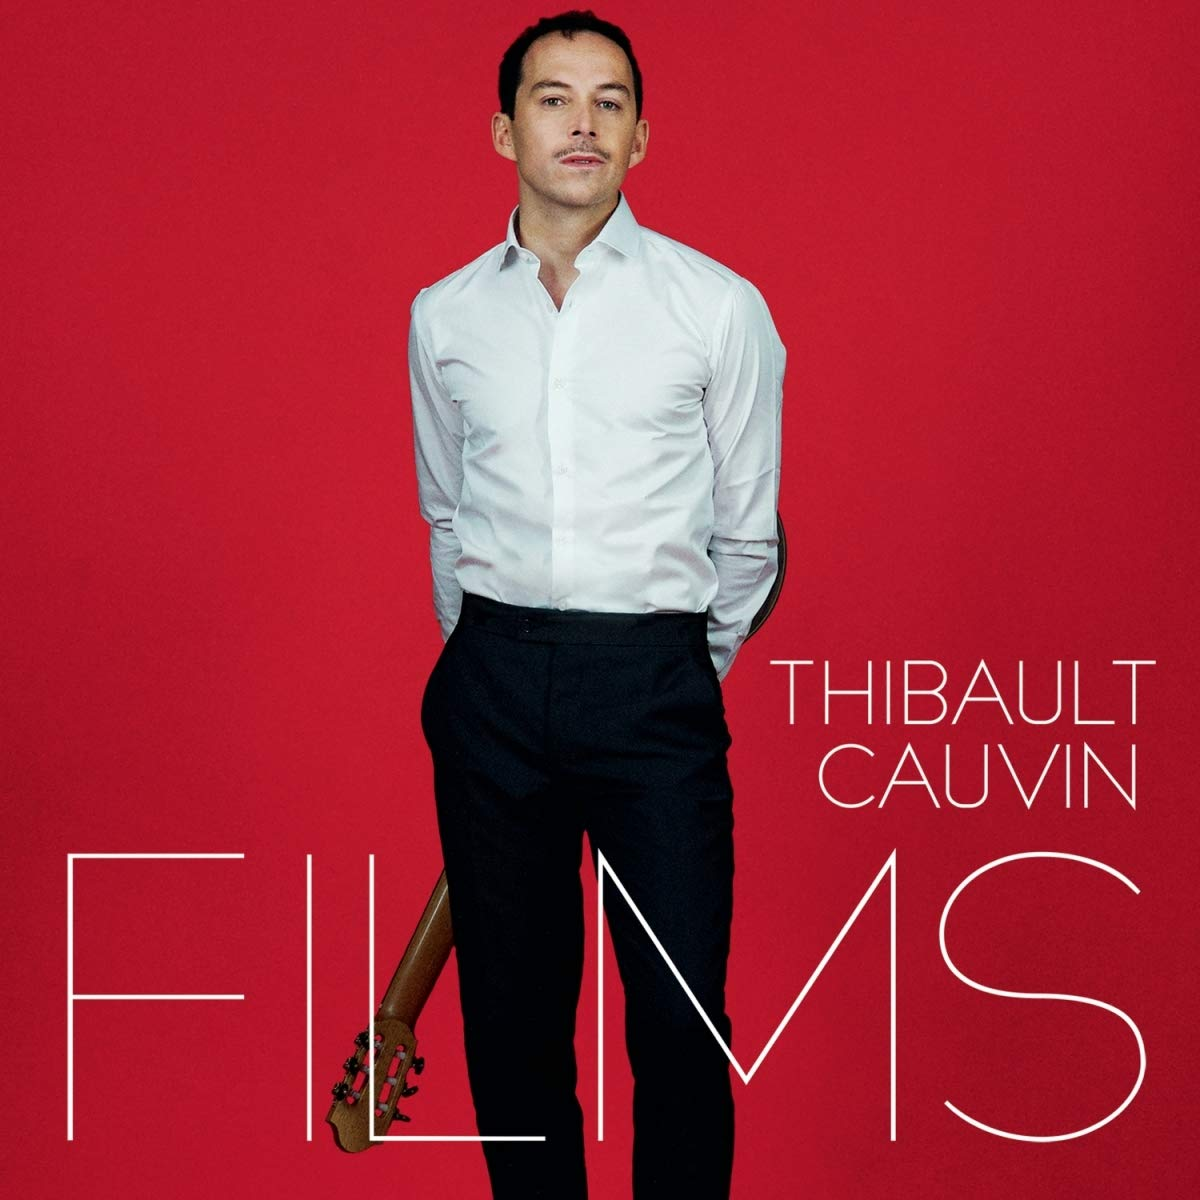 Thibault Cauvin Films